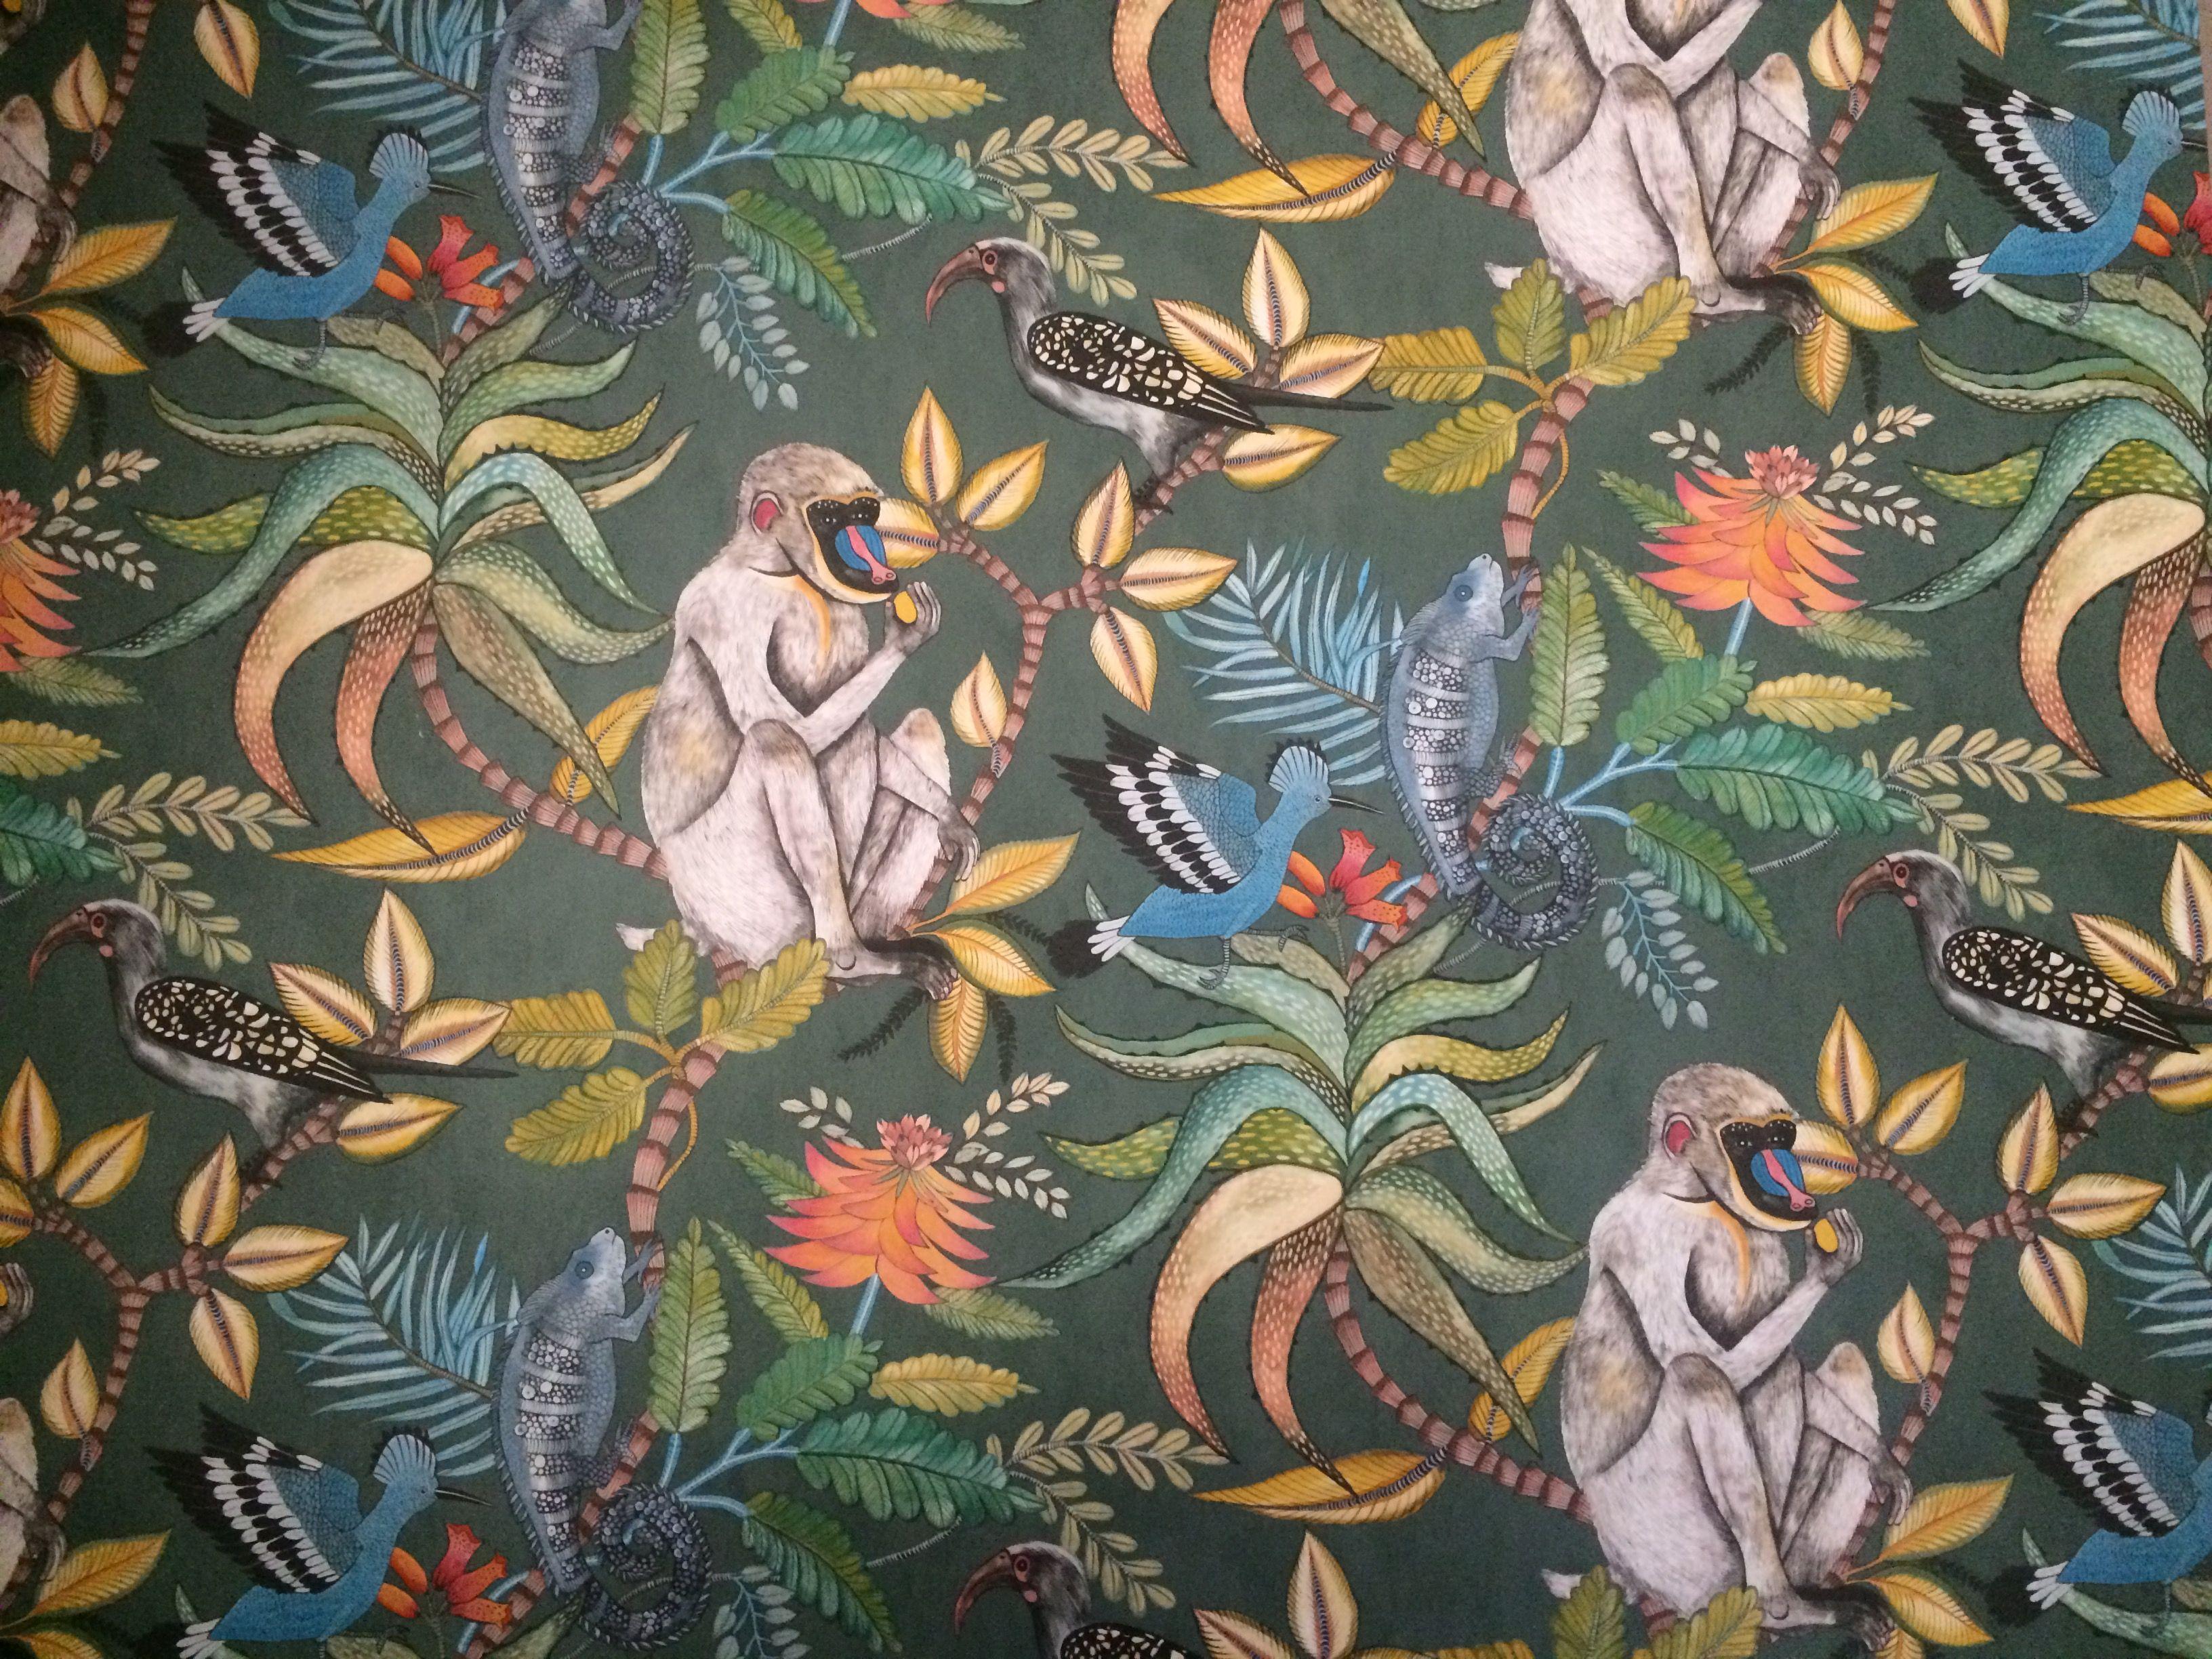 papier peint jungle bhv interieur